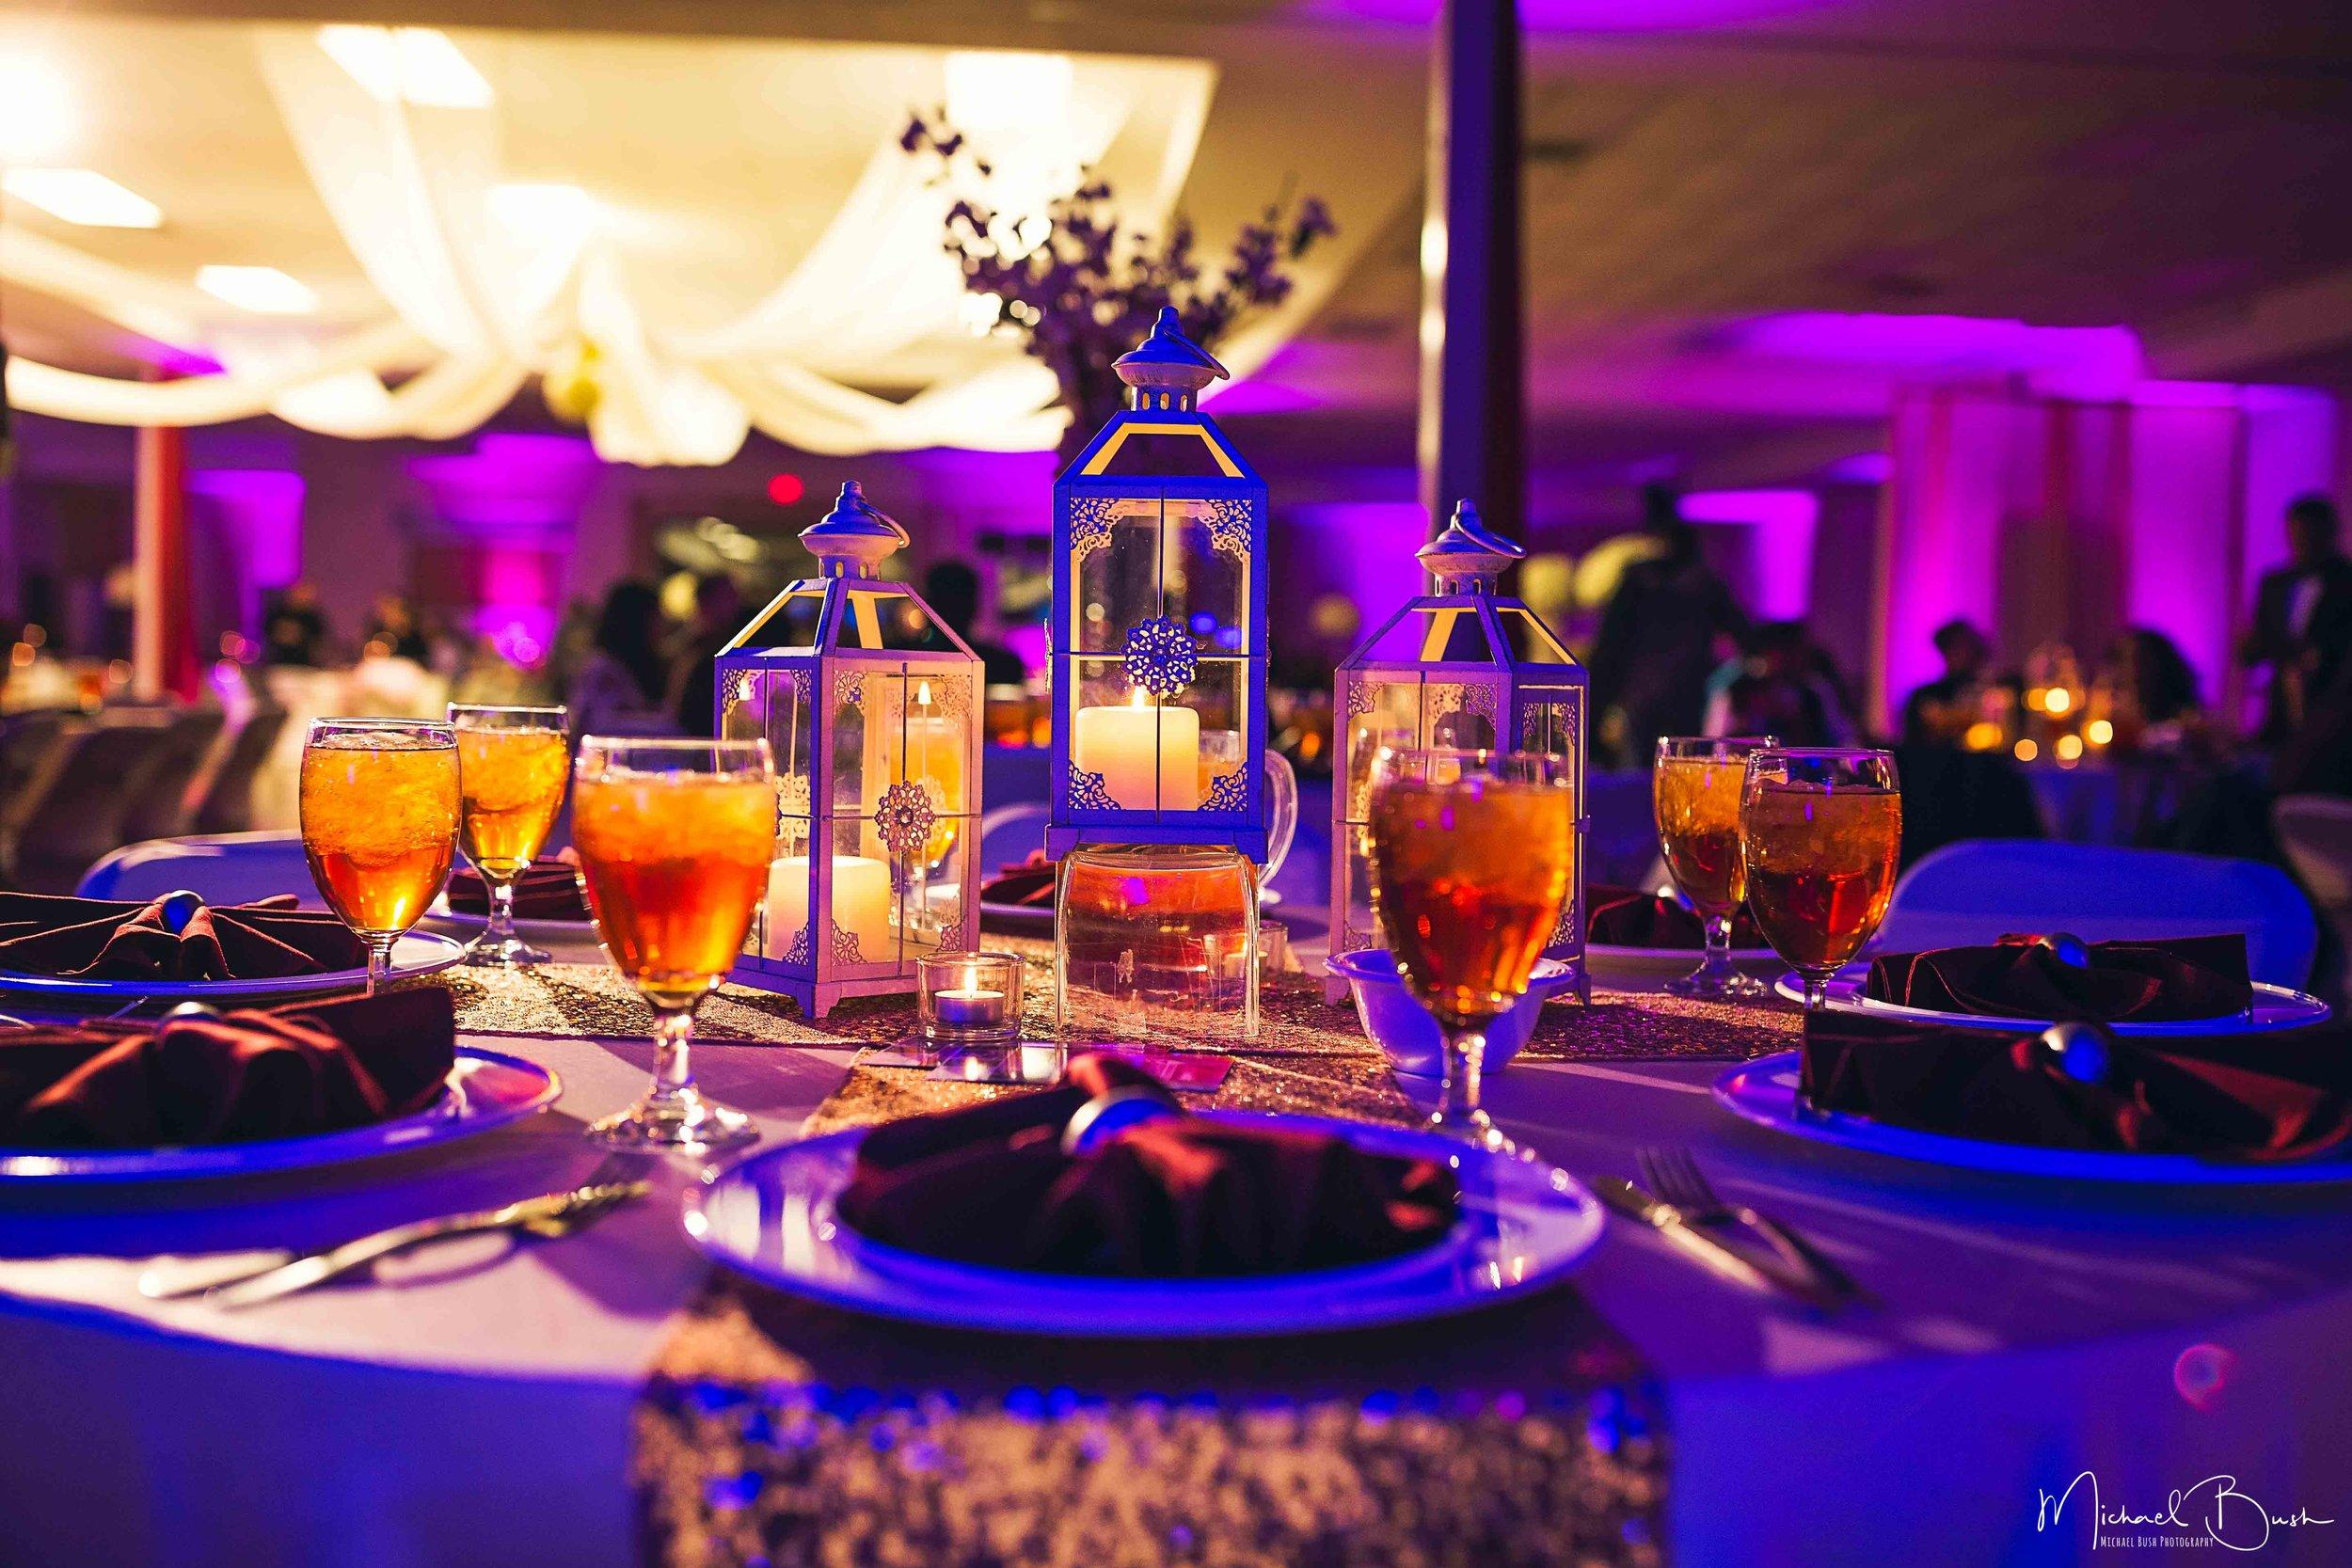 Wedding-Reception-Detials-Fort-Worth-Venue-colors-pop-close-up.jpg